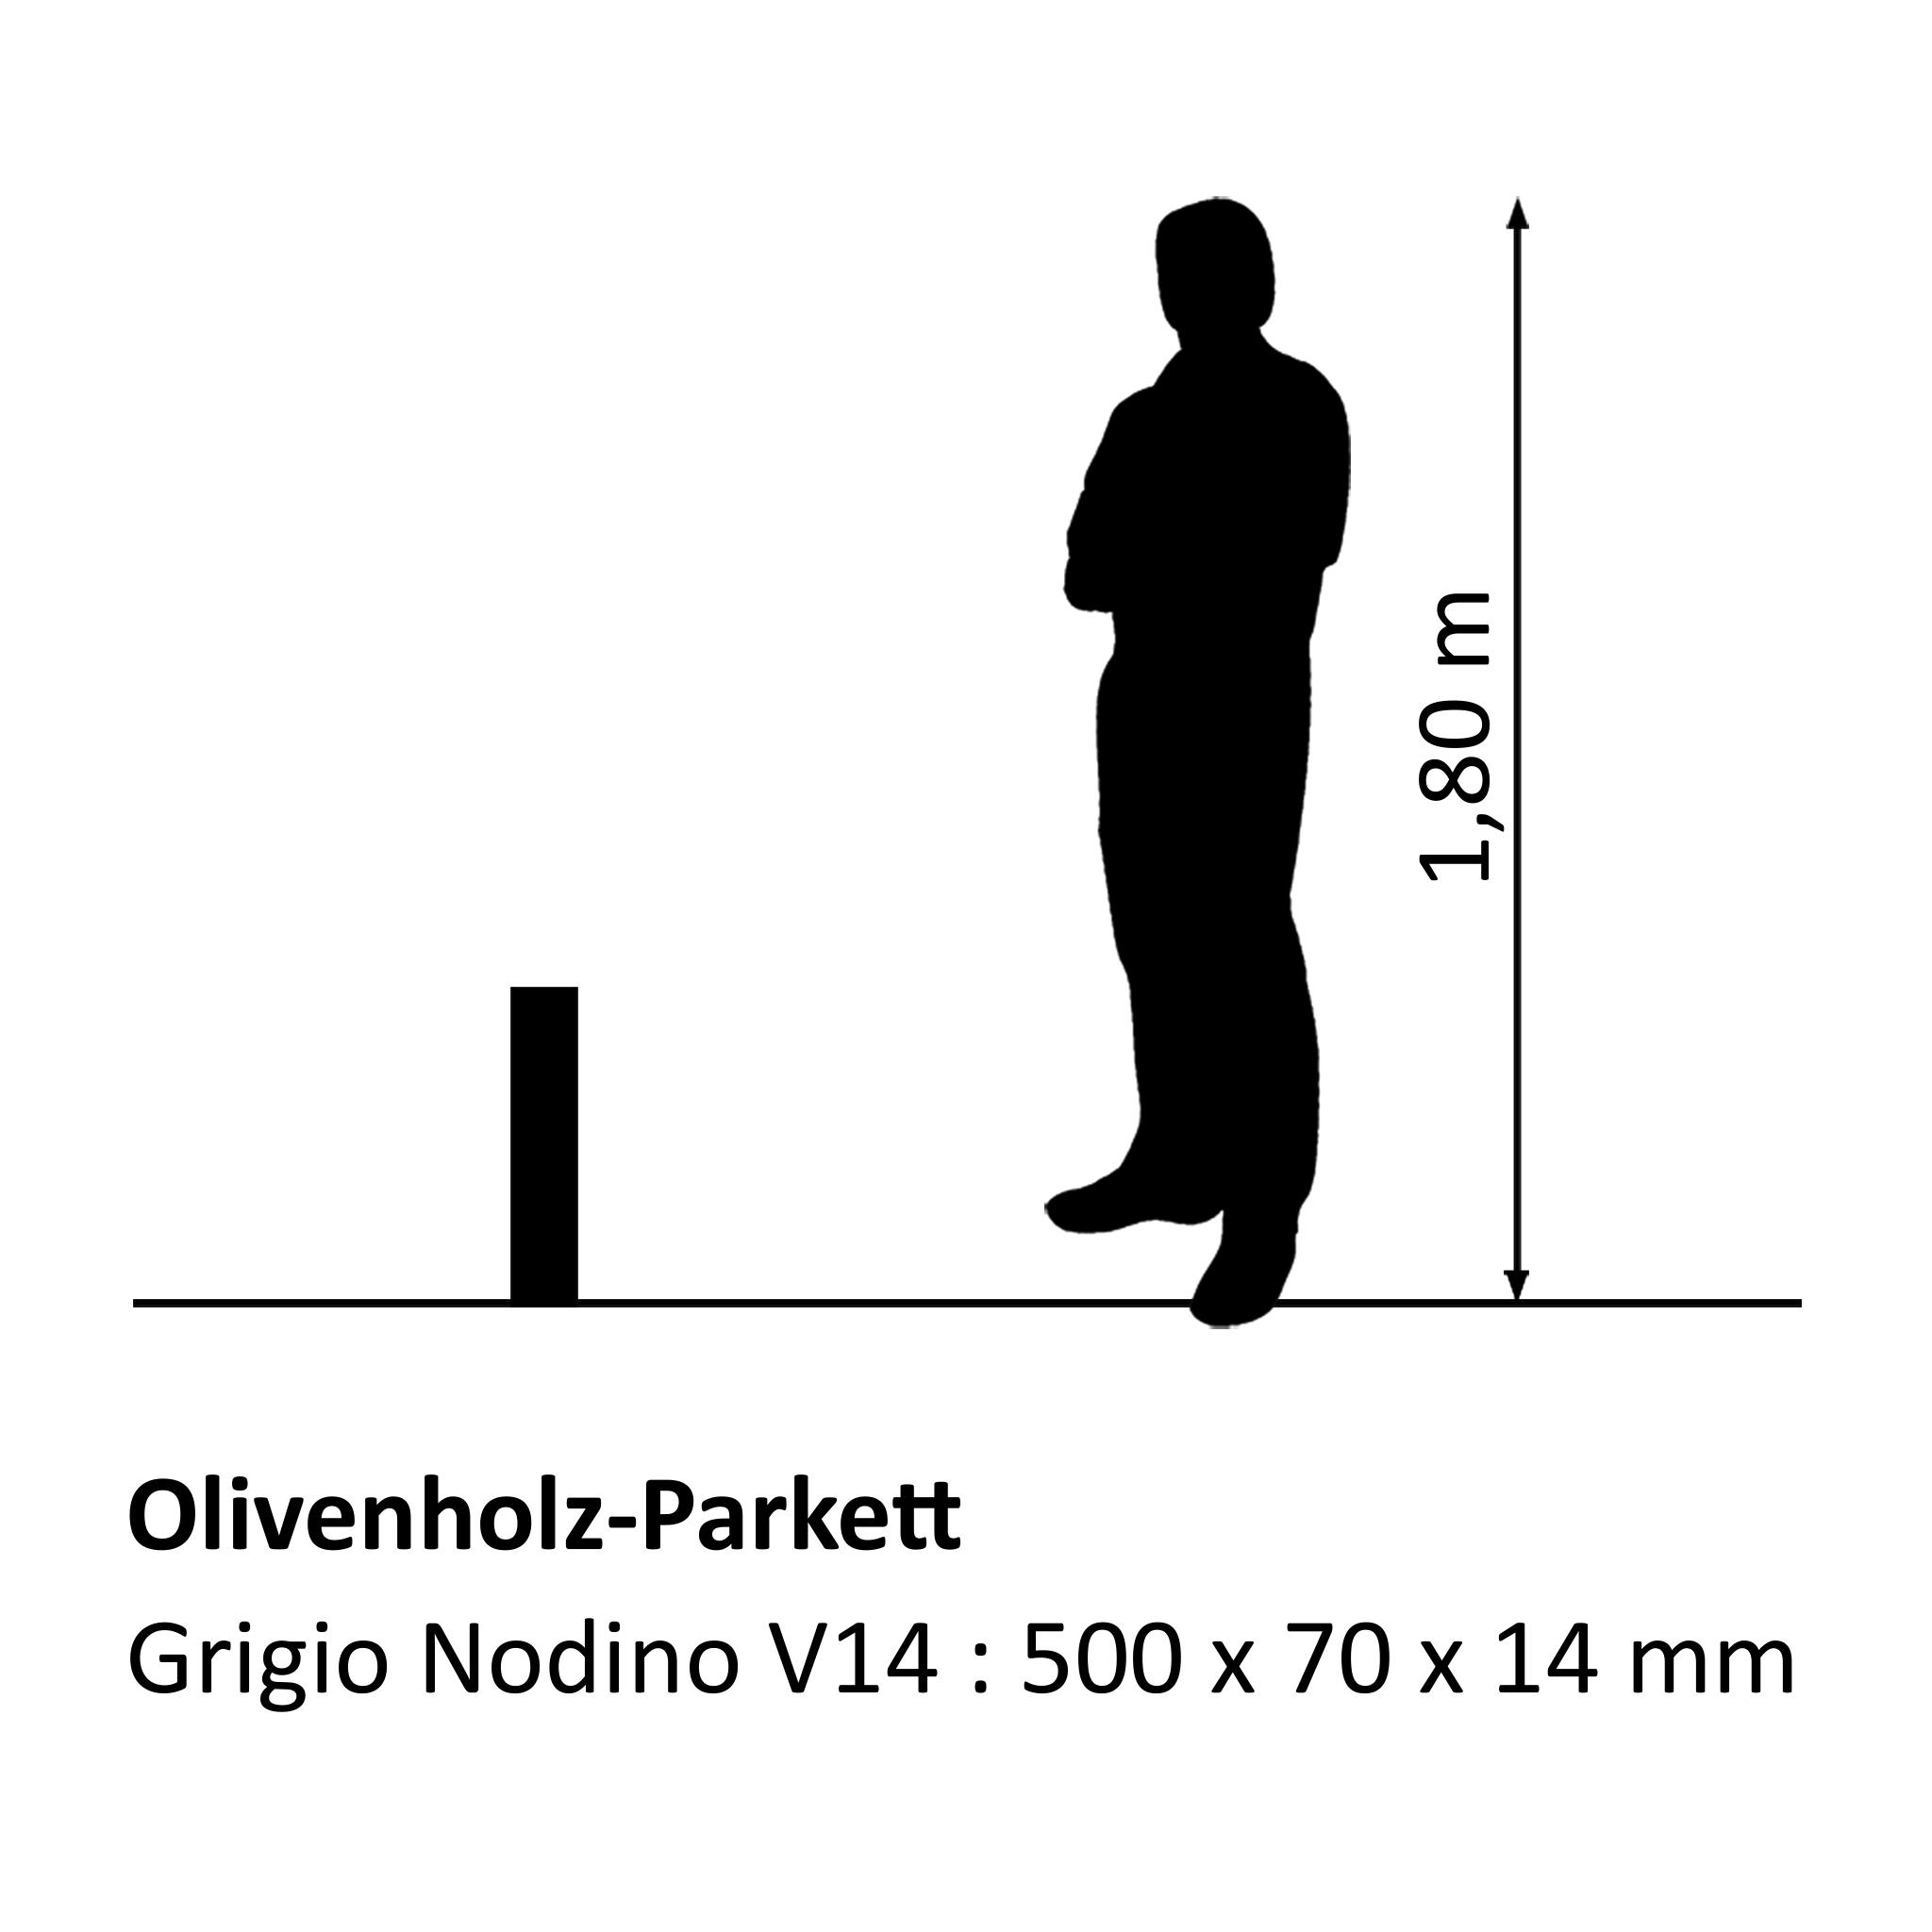 Olivenholzparkett Grigio Nodino V14